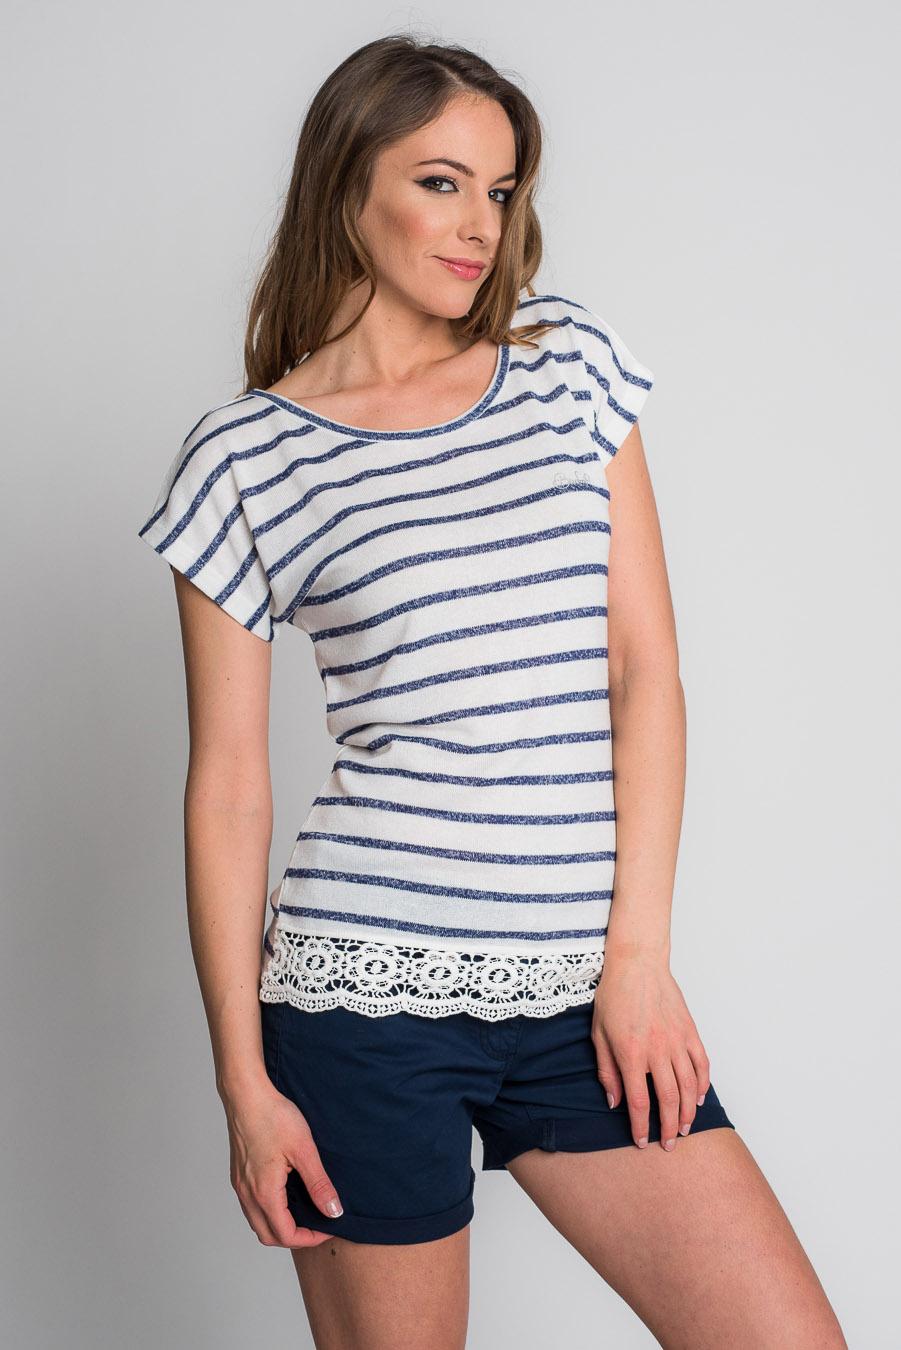 Női és férfi póló divat  Női póló divat a70e2ddc2e